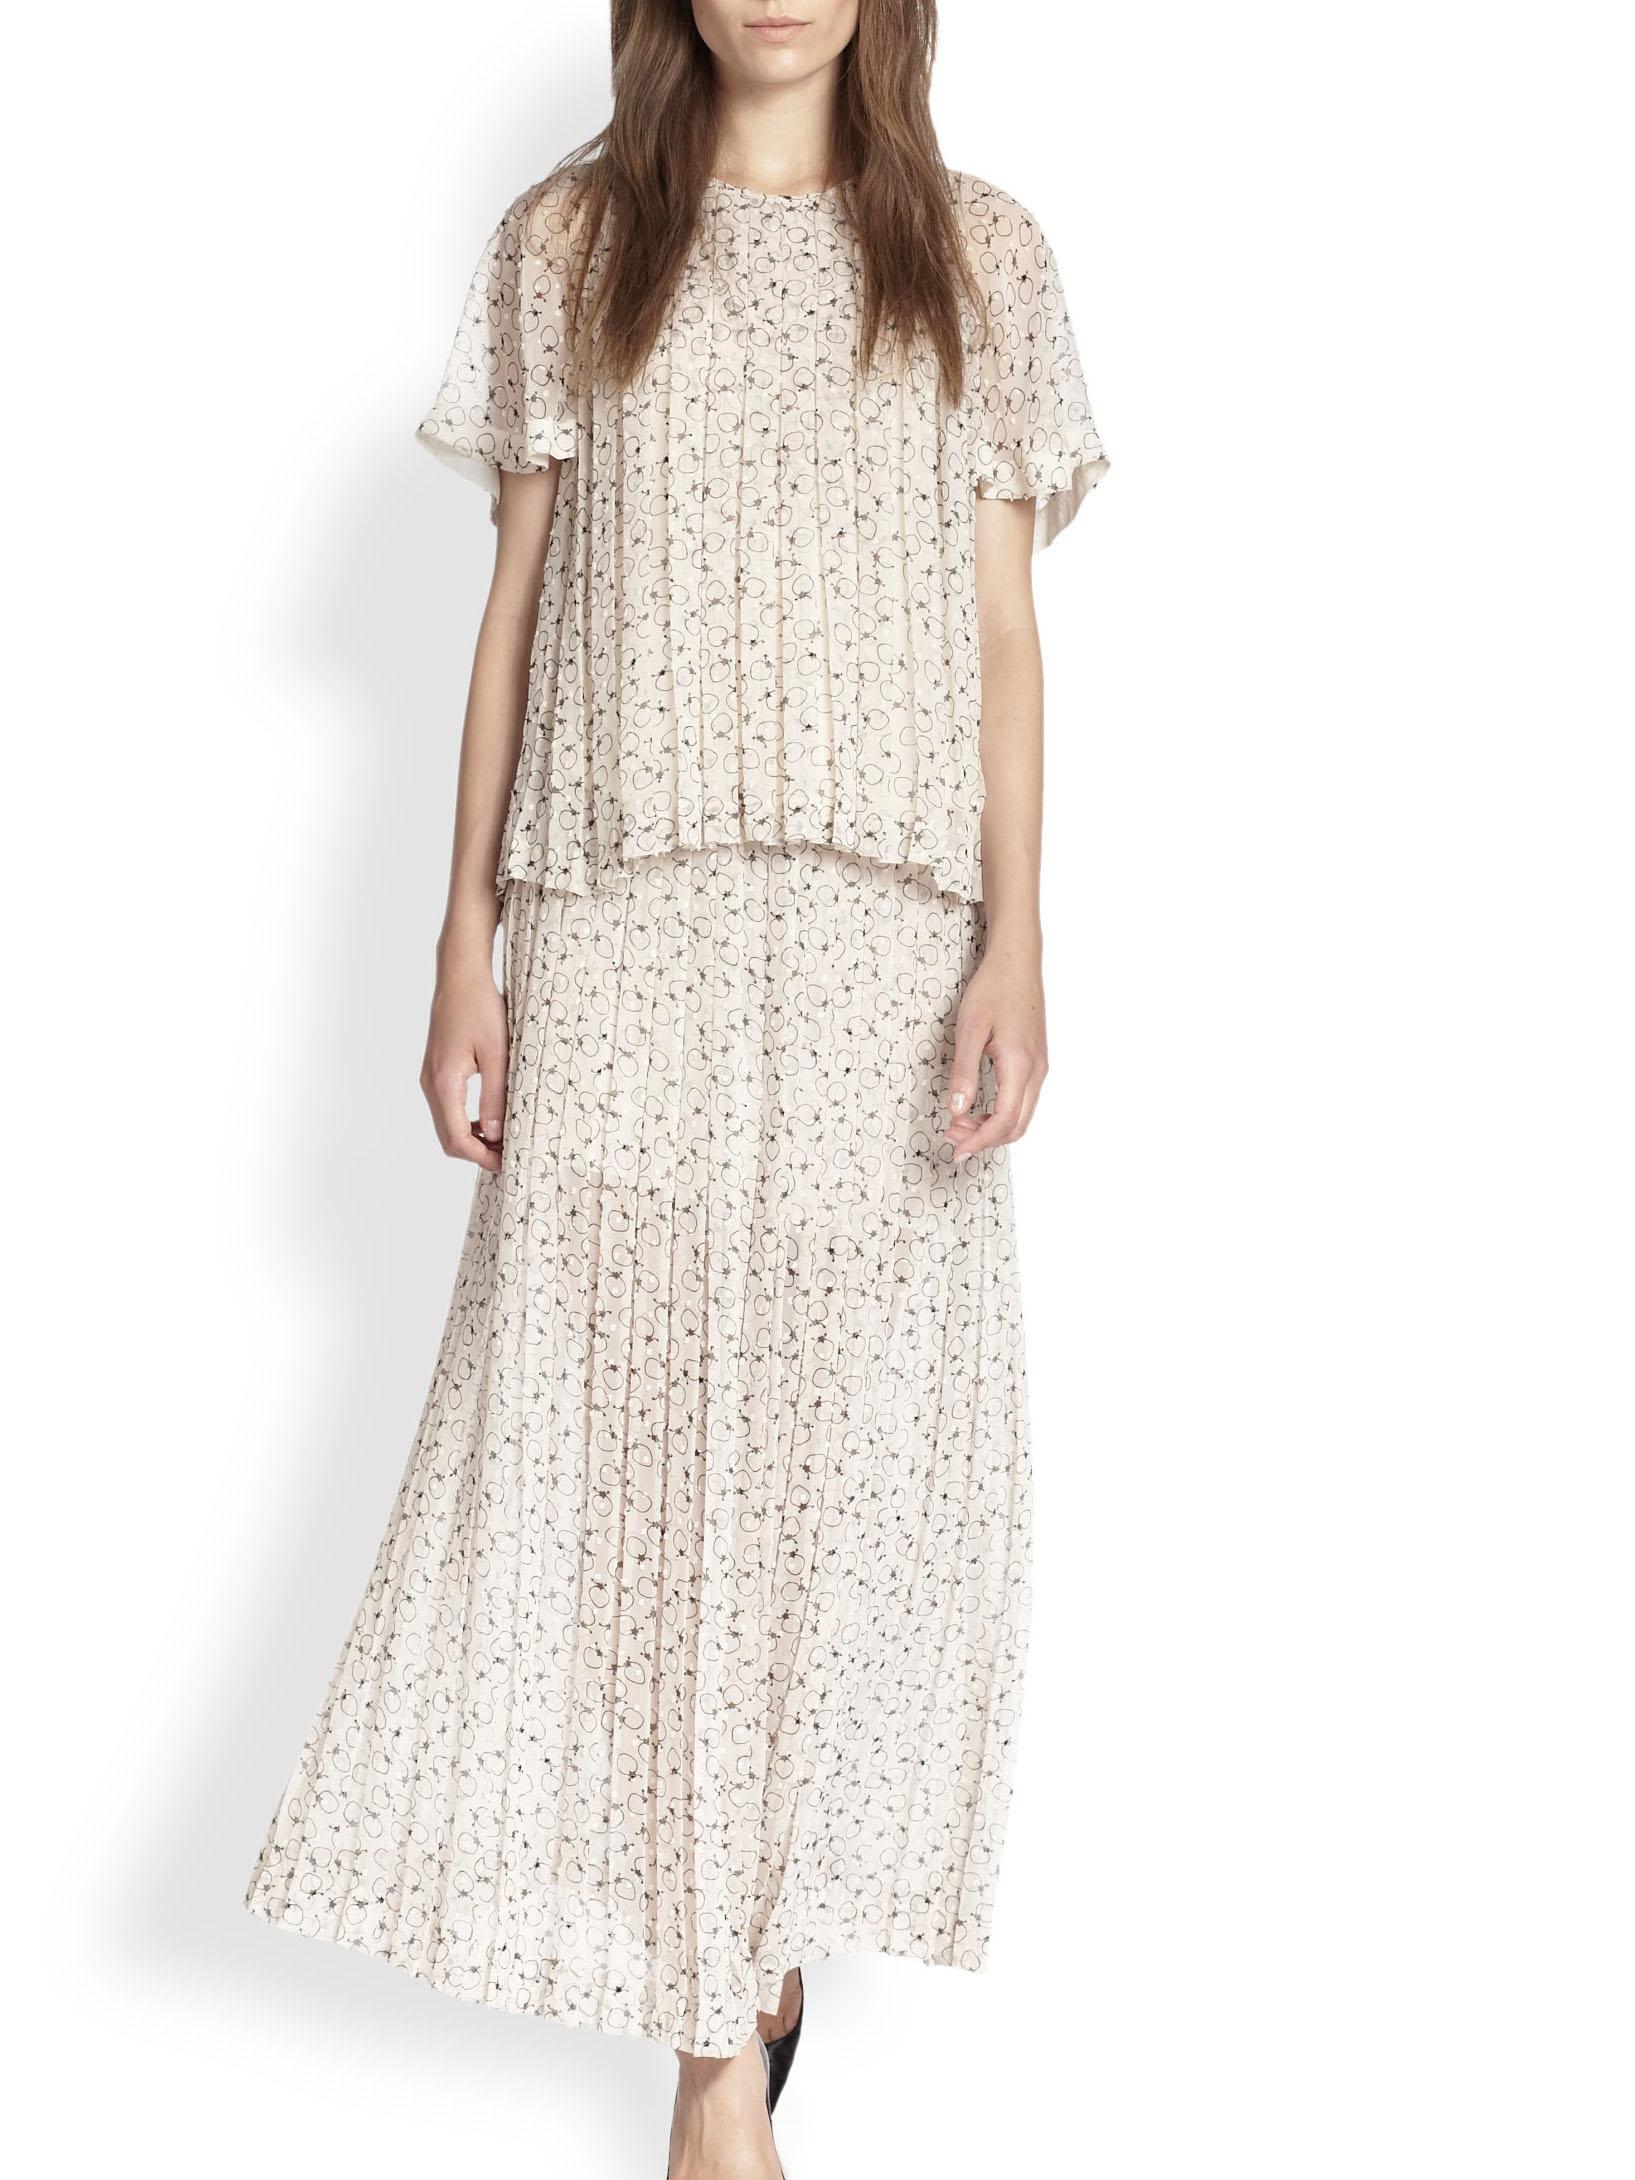 ... Jupe Strawberry longue plissée blanc crème imprimée noir Prix boutique  295€ Taille 36 ... fc94547578f